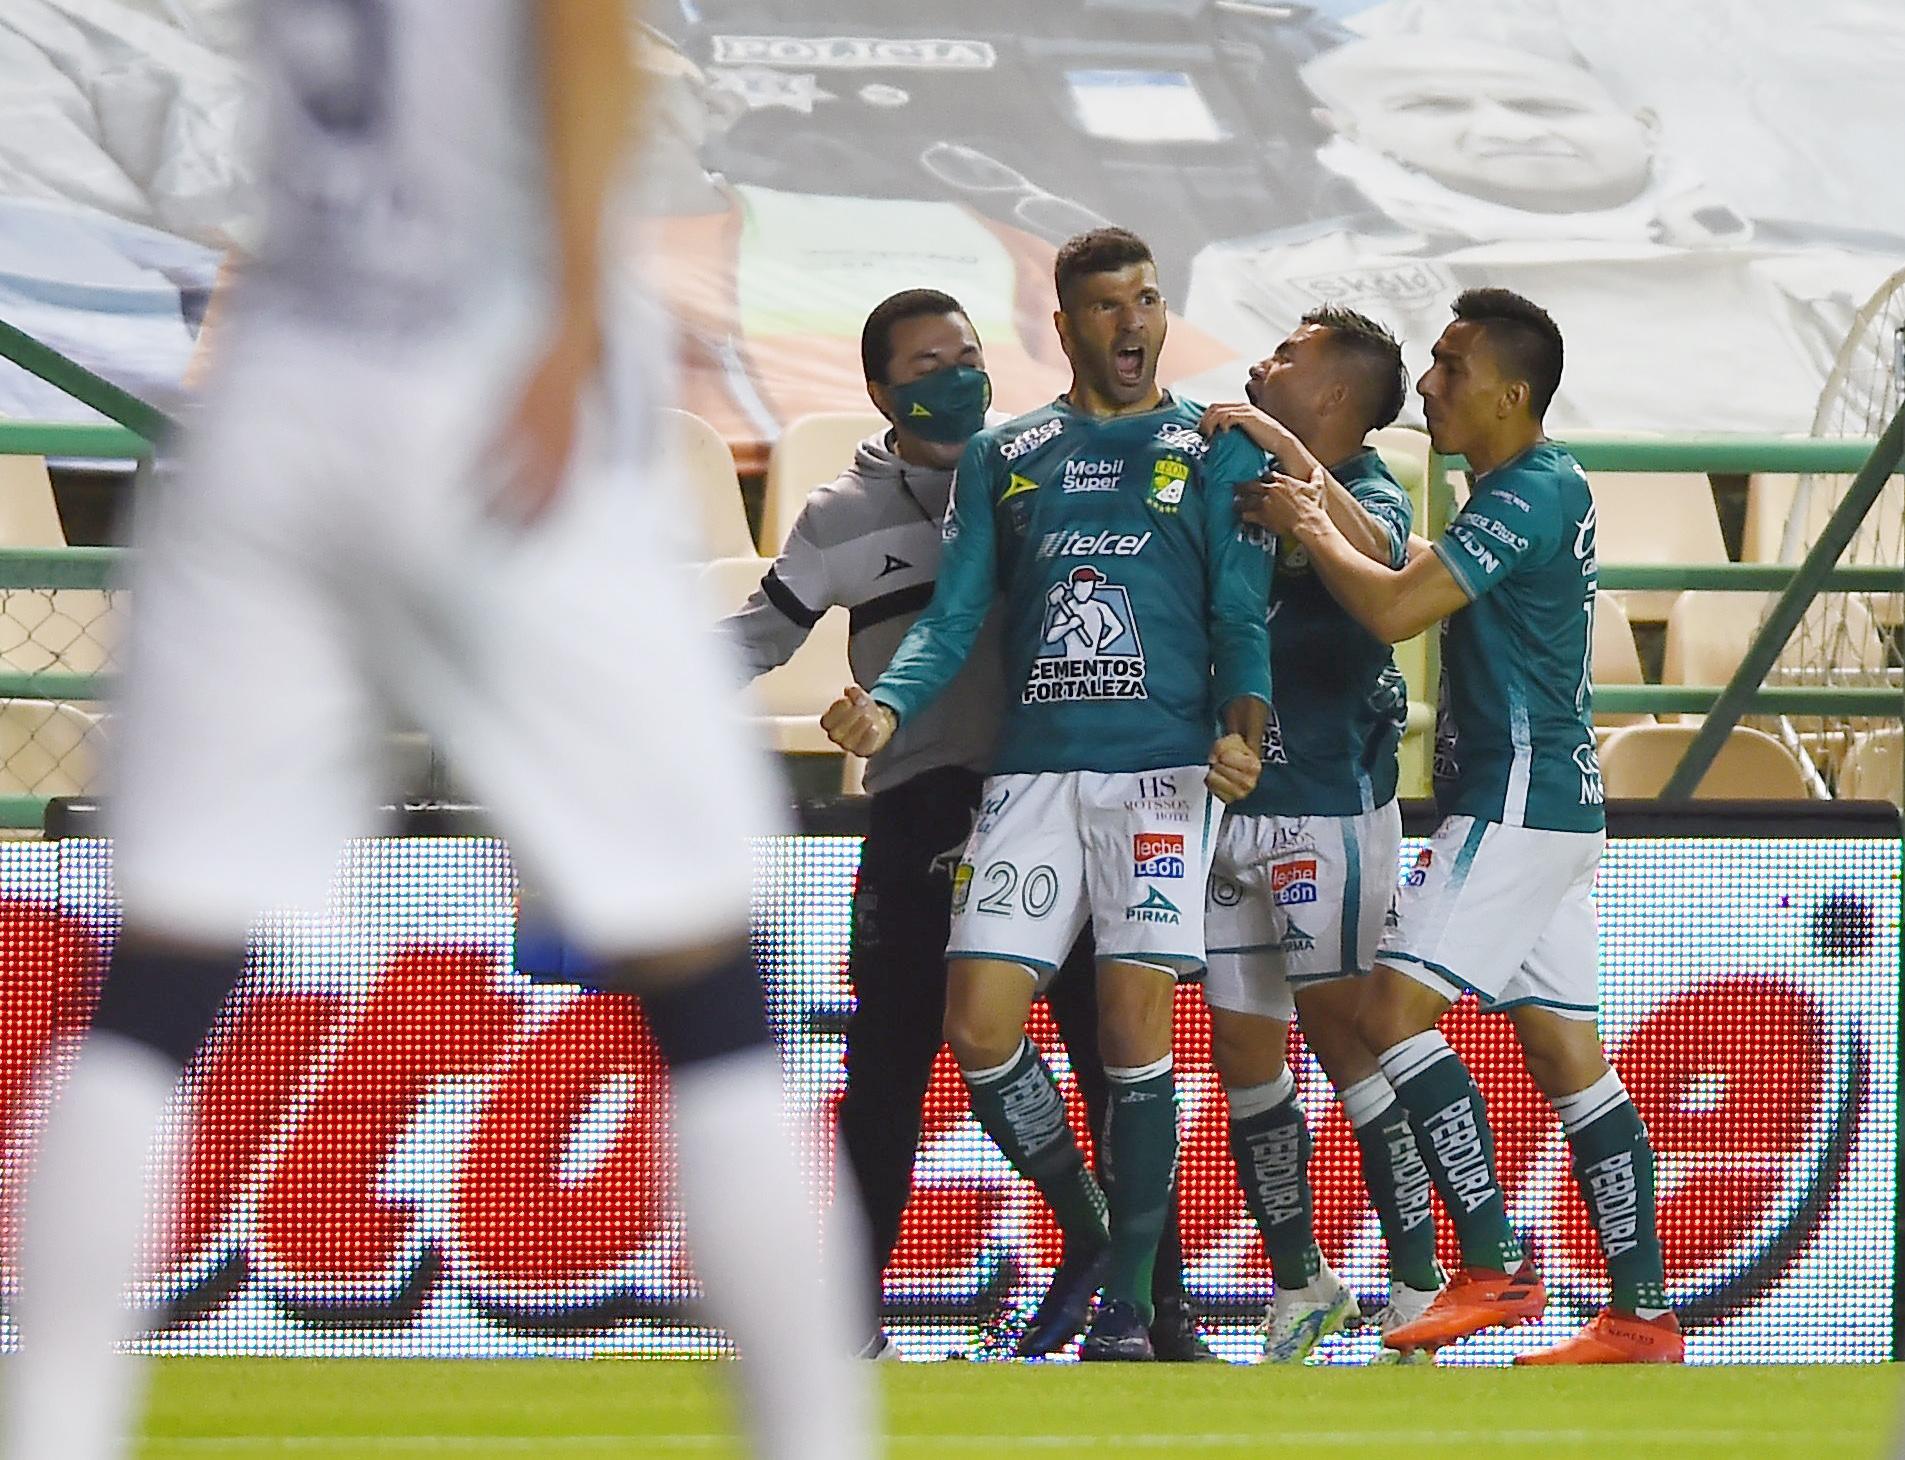 En el minuto 11, Emmanuel Gigliotti de León celebra su primer gol con sus compañeros. Estadio León, México. El 13 de diciembre de 2020.